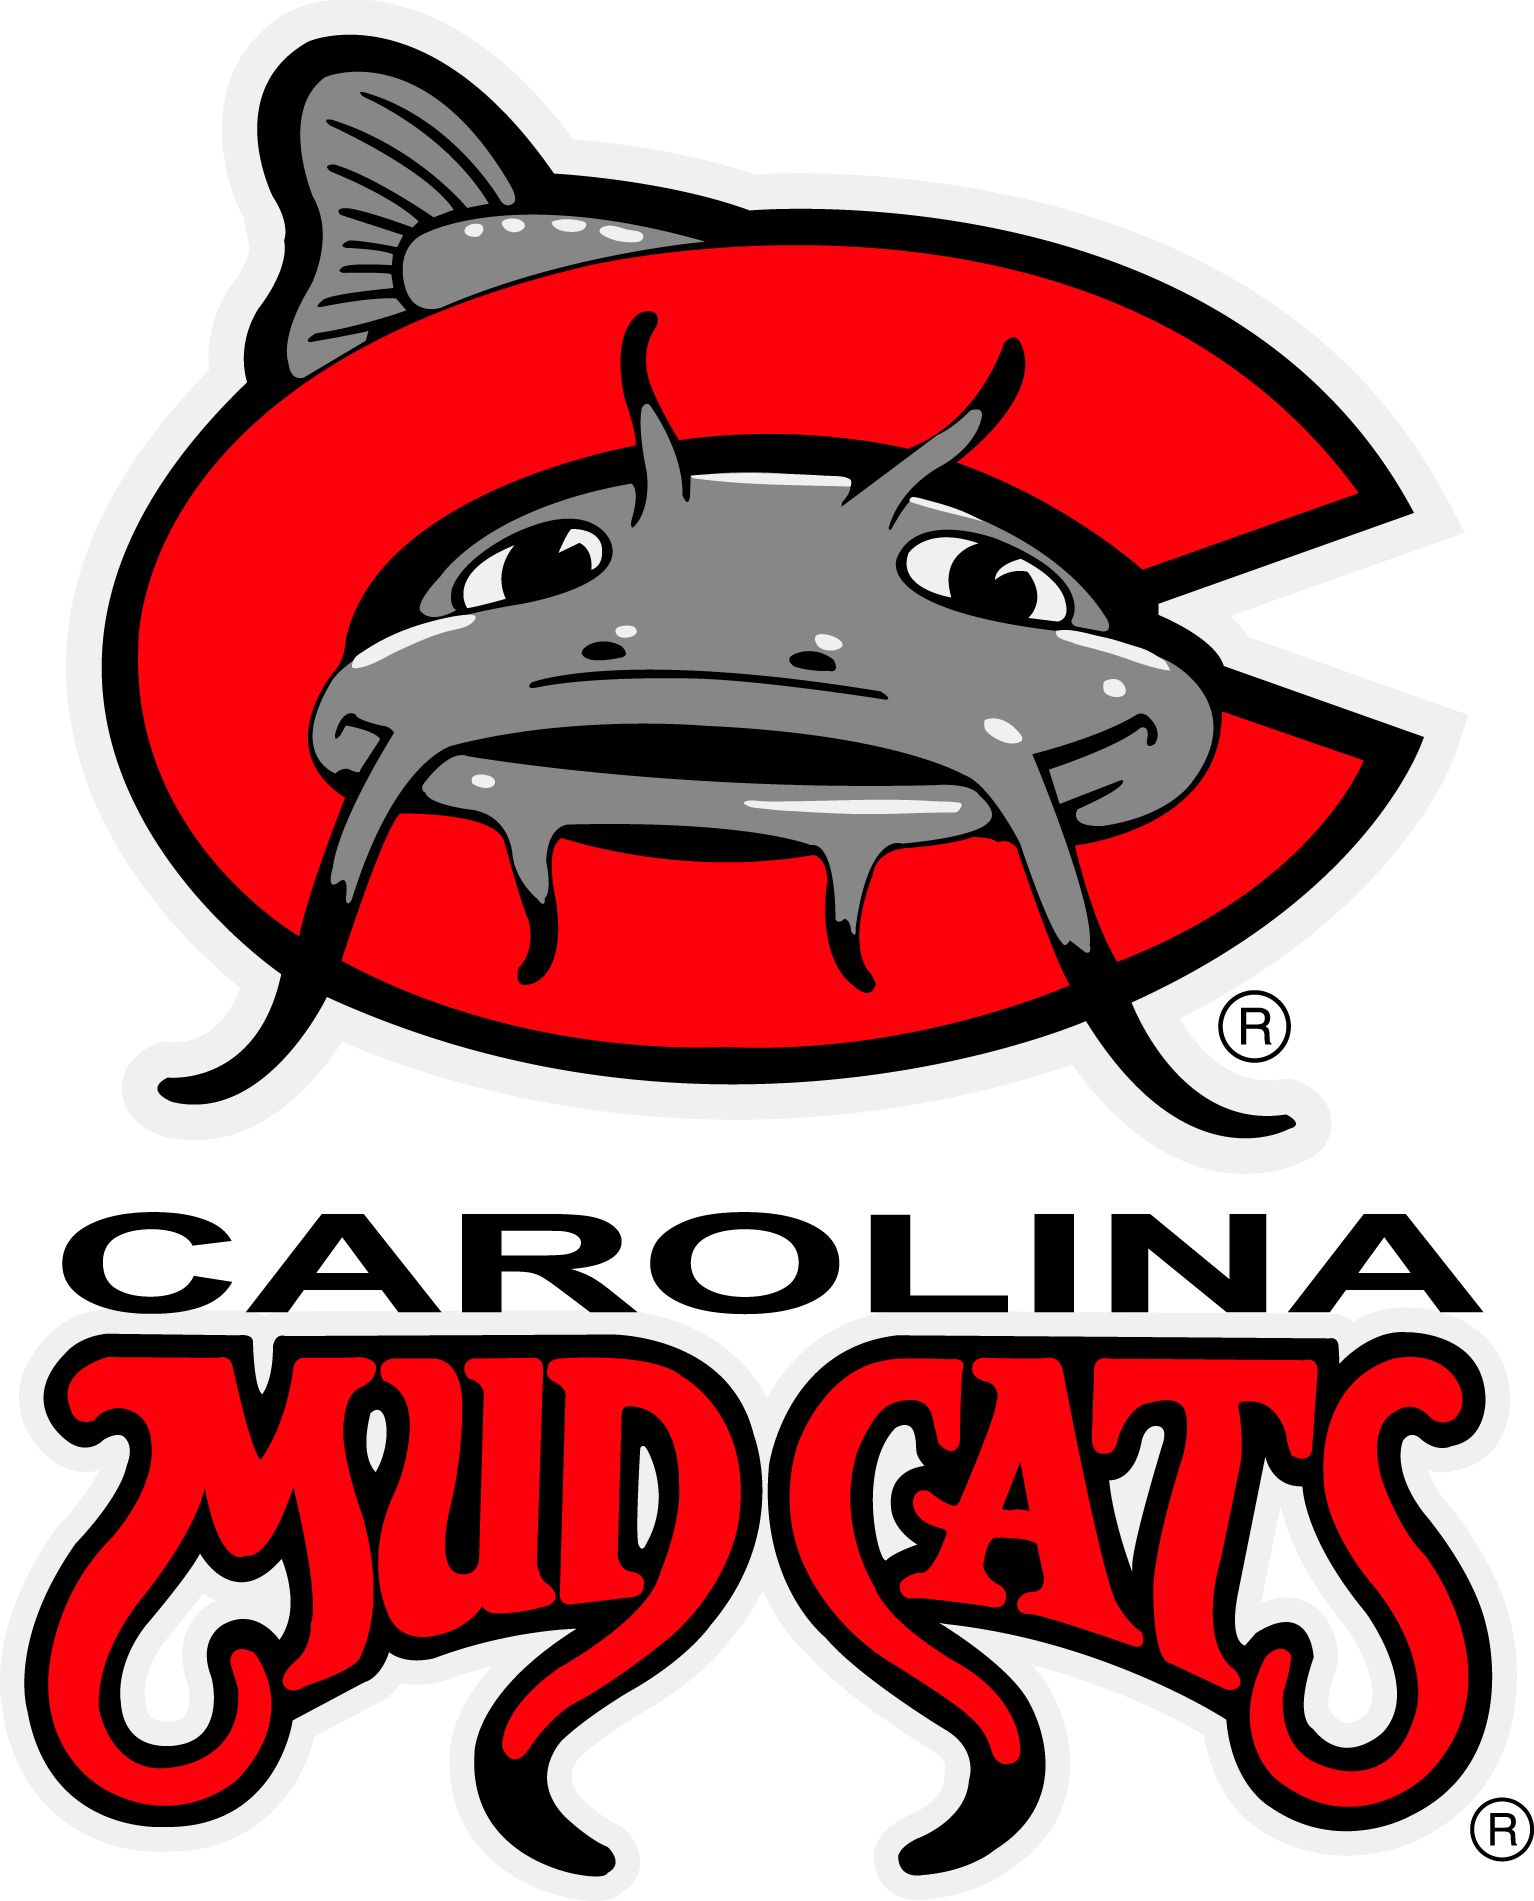 de9eb628d17 Carolina Mudcats